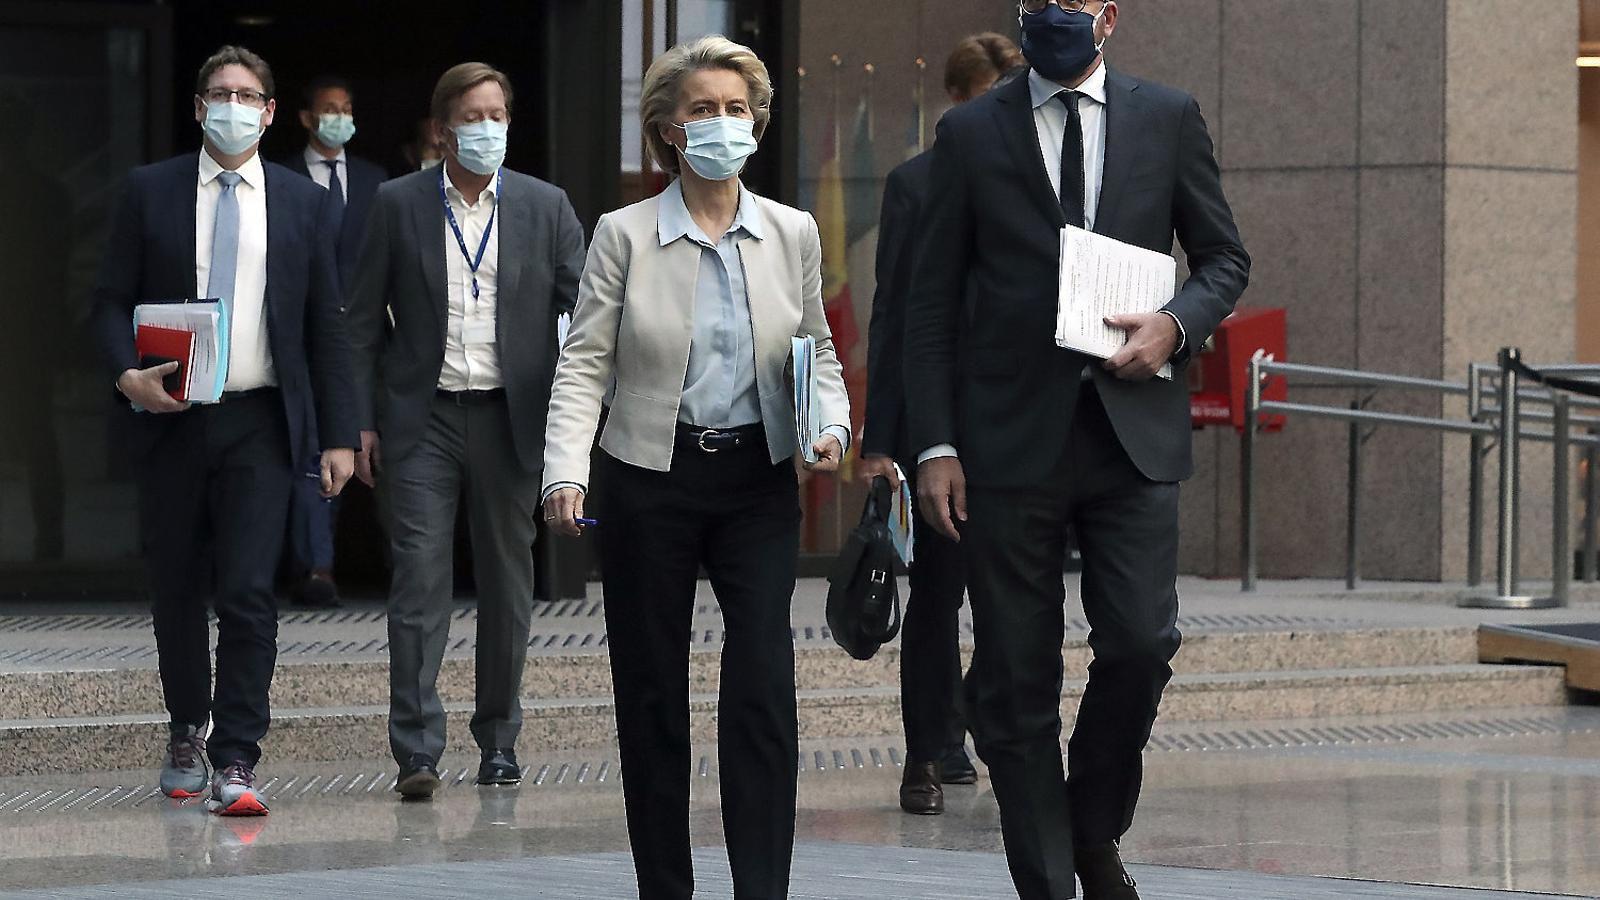 La presidenta de la Comissió Europea, Ursula Von der Leyen, amb el president del Consell Europeu, Charles Michel.